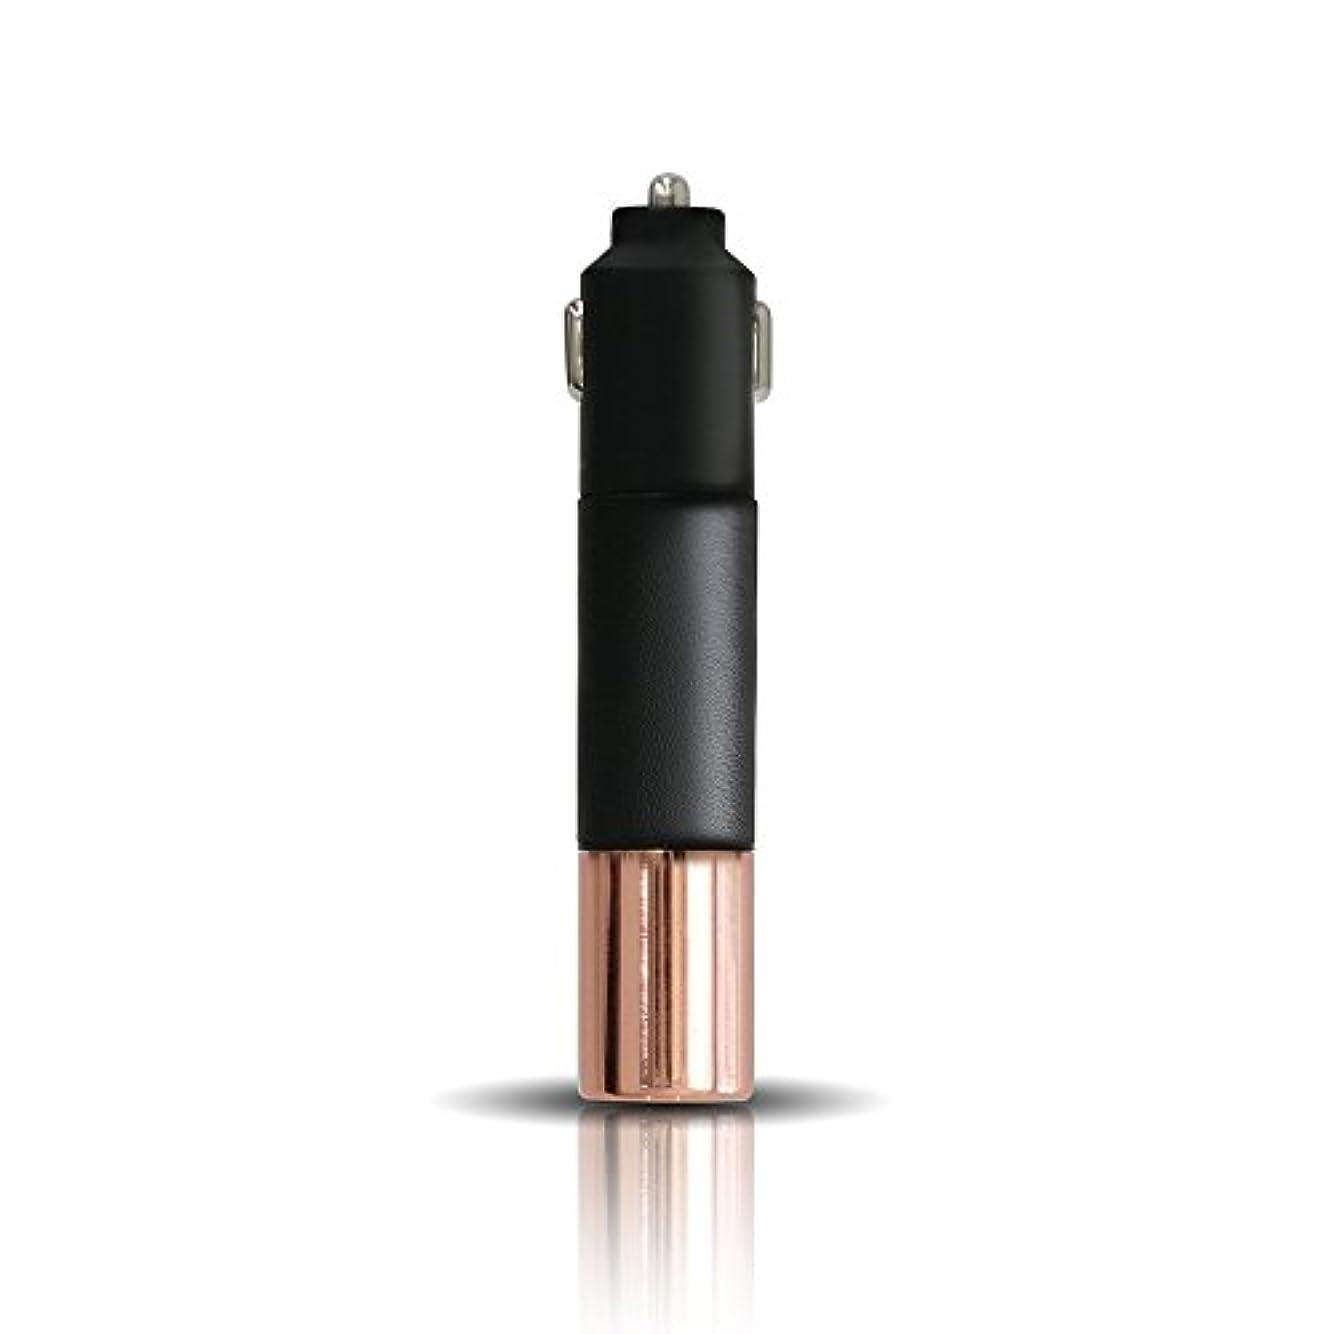 医学高さシロナガスクジラPRISMATE(プリズメイト) Driving Aroma Diffuser Leather and Metal PR-AD02C (BK(ブラック))